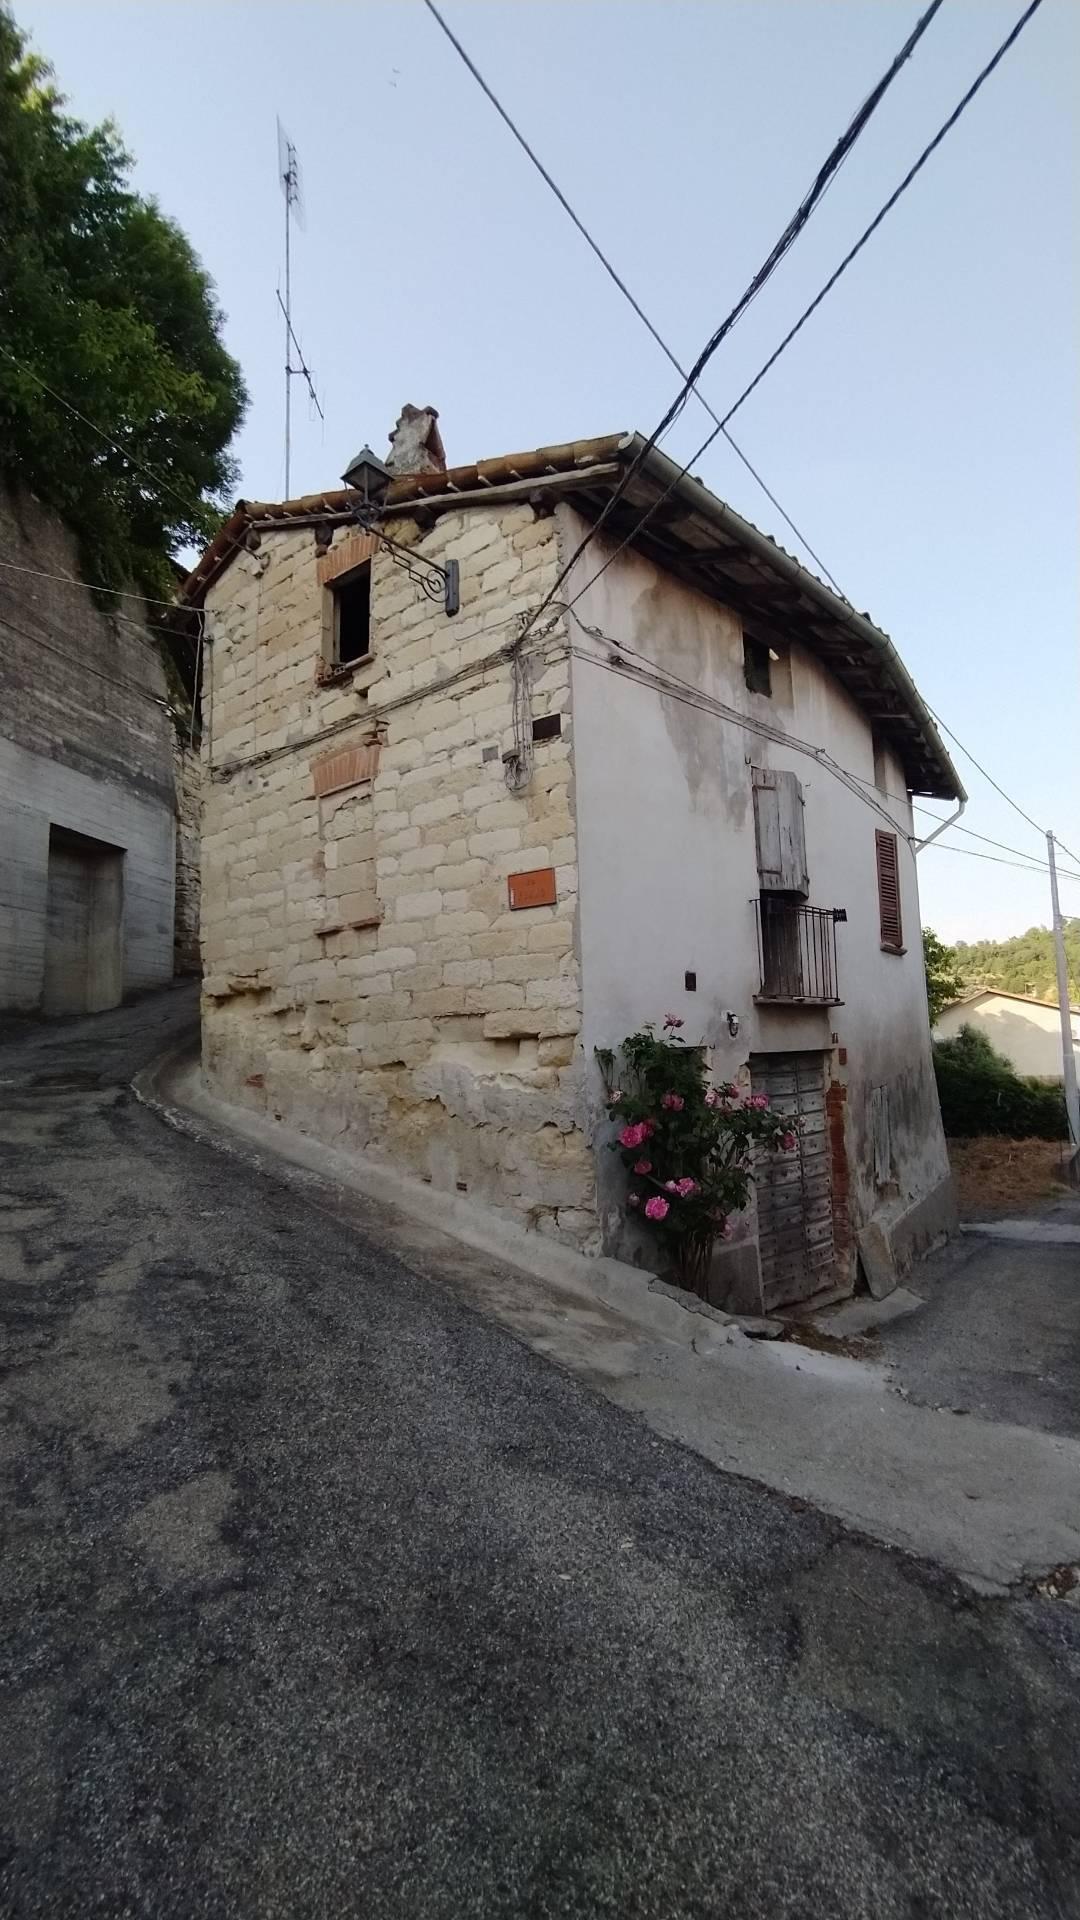 Rustico / Casale in vendita a Ottiglio, 5 locali, prezzo € 27.000 | PortaleAgenzieImmobiliari.it